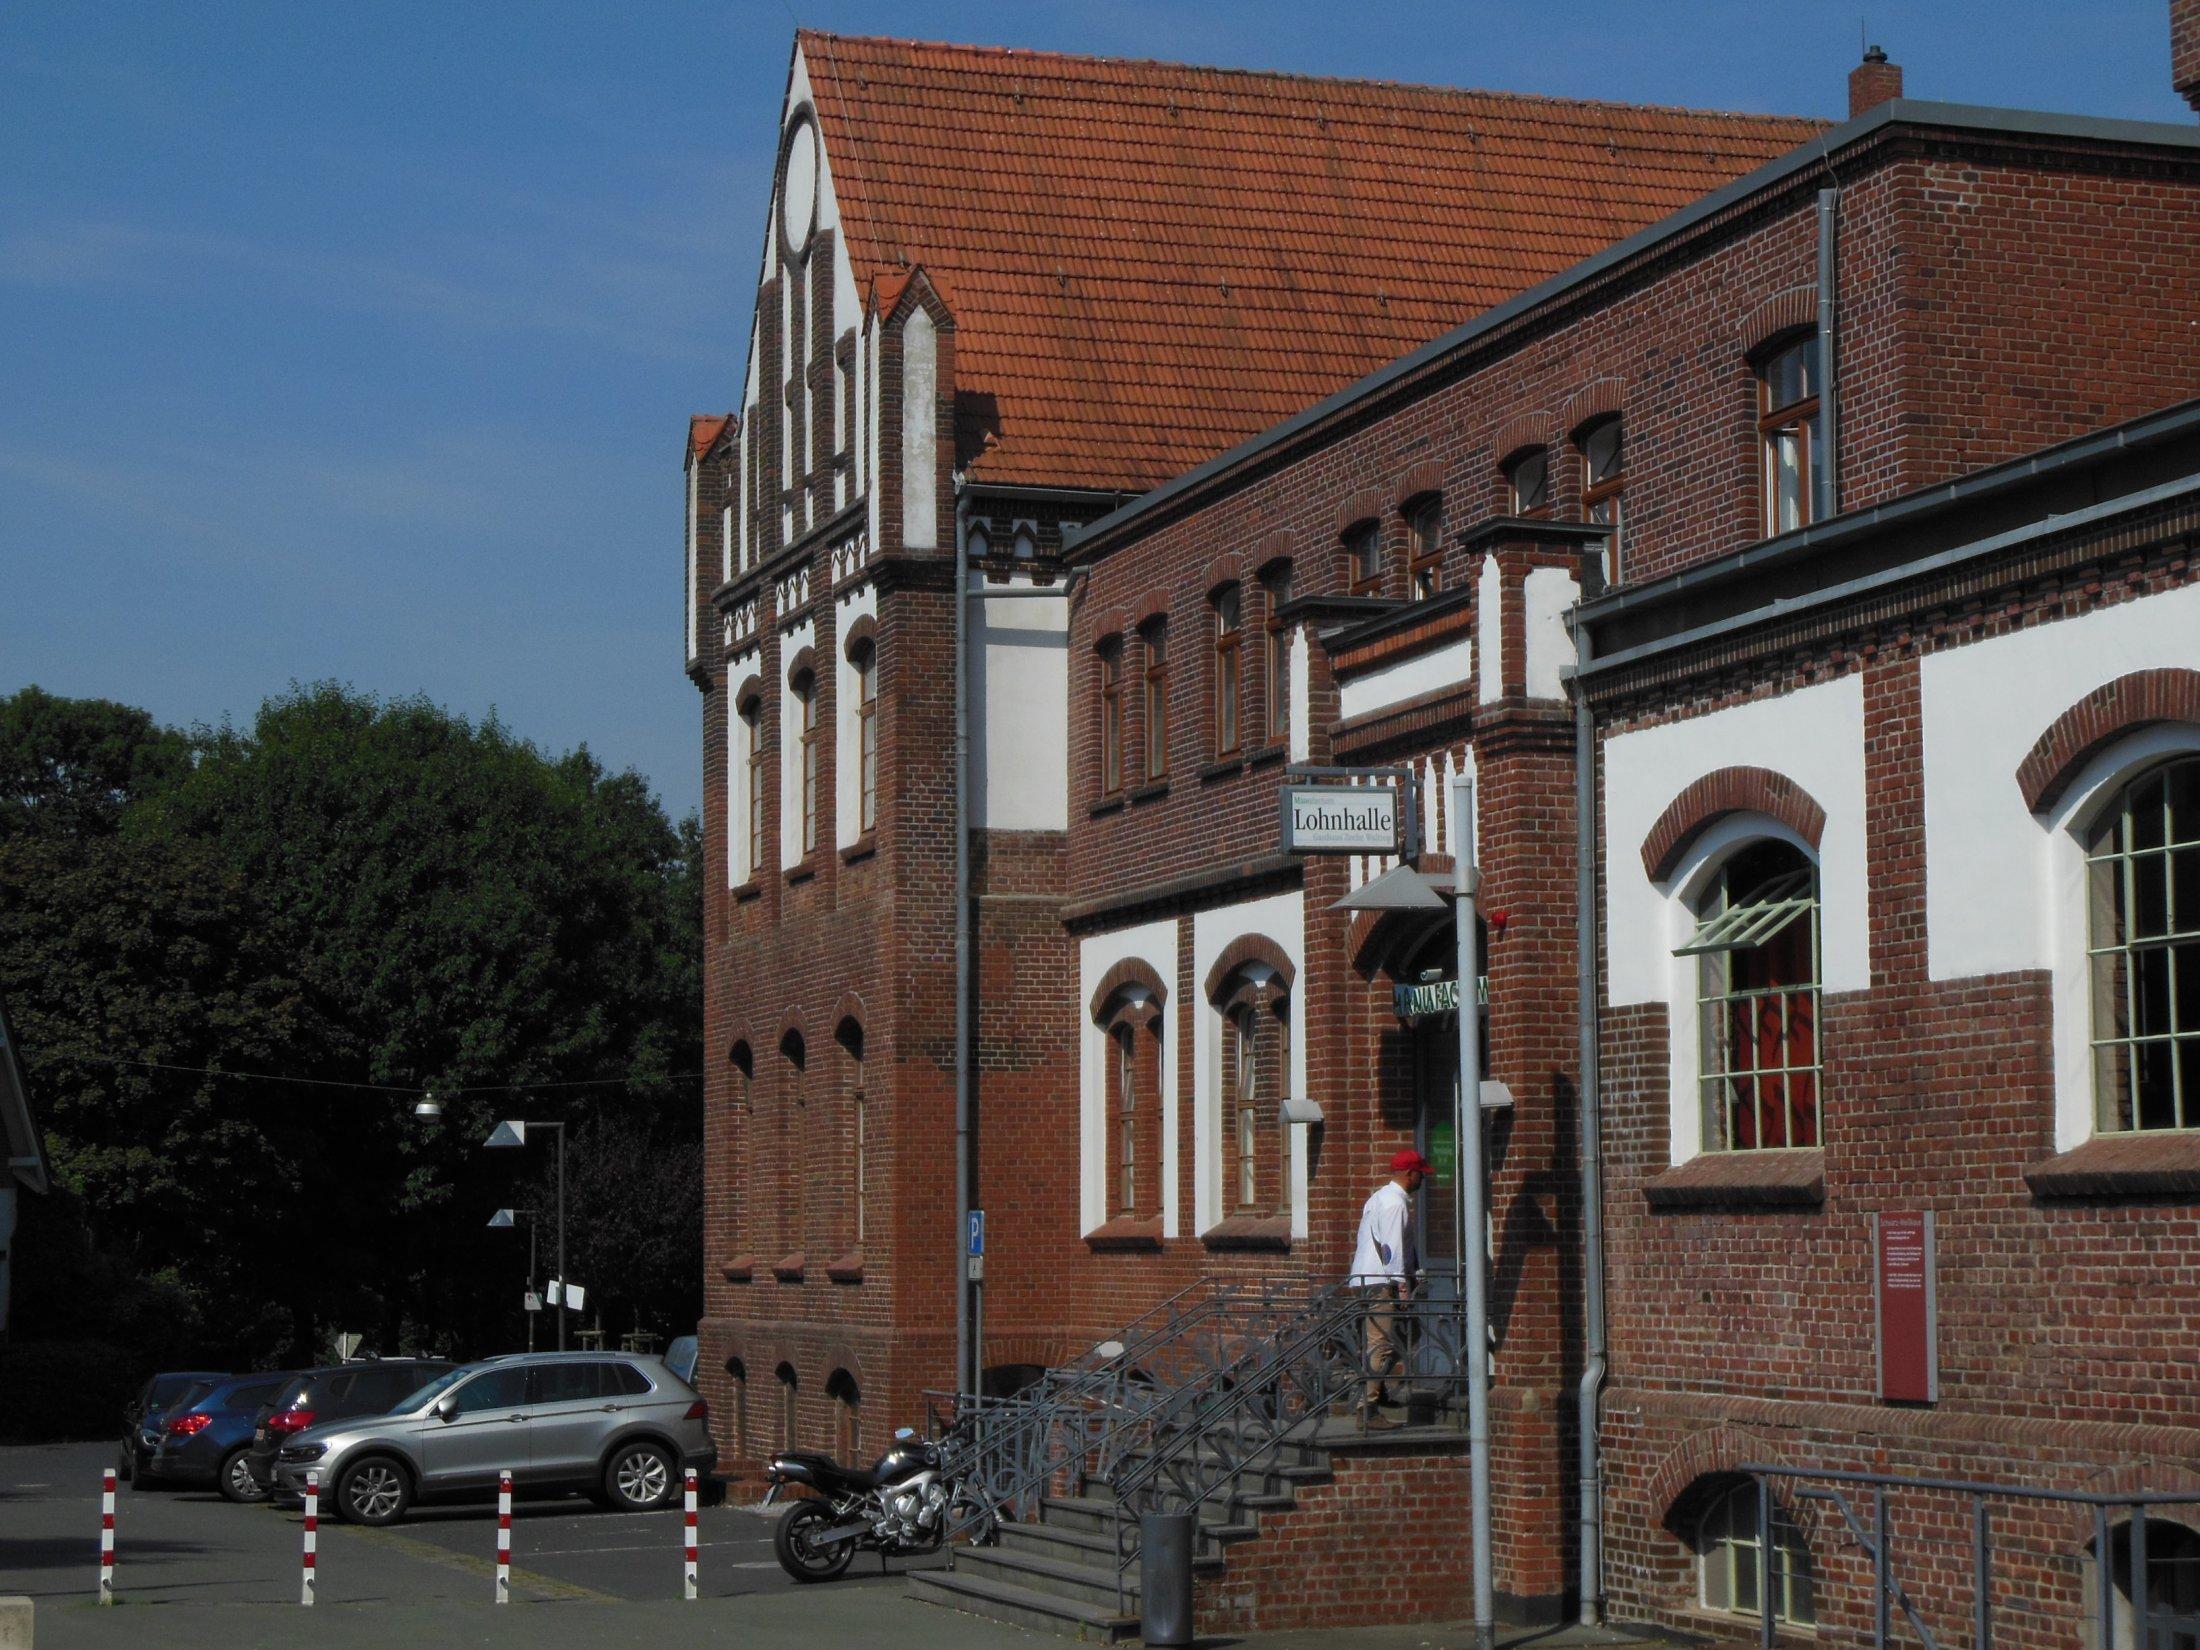 Lohnhalle